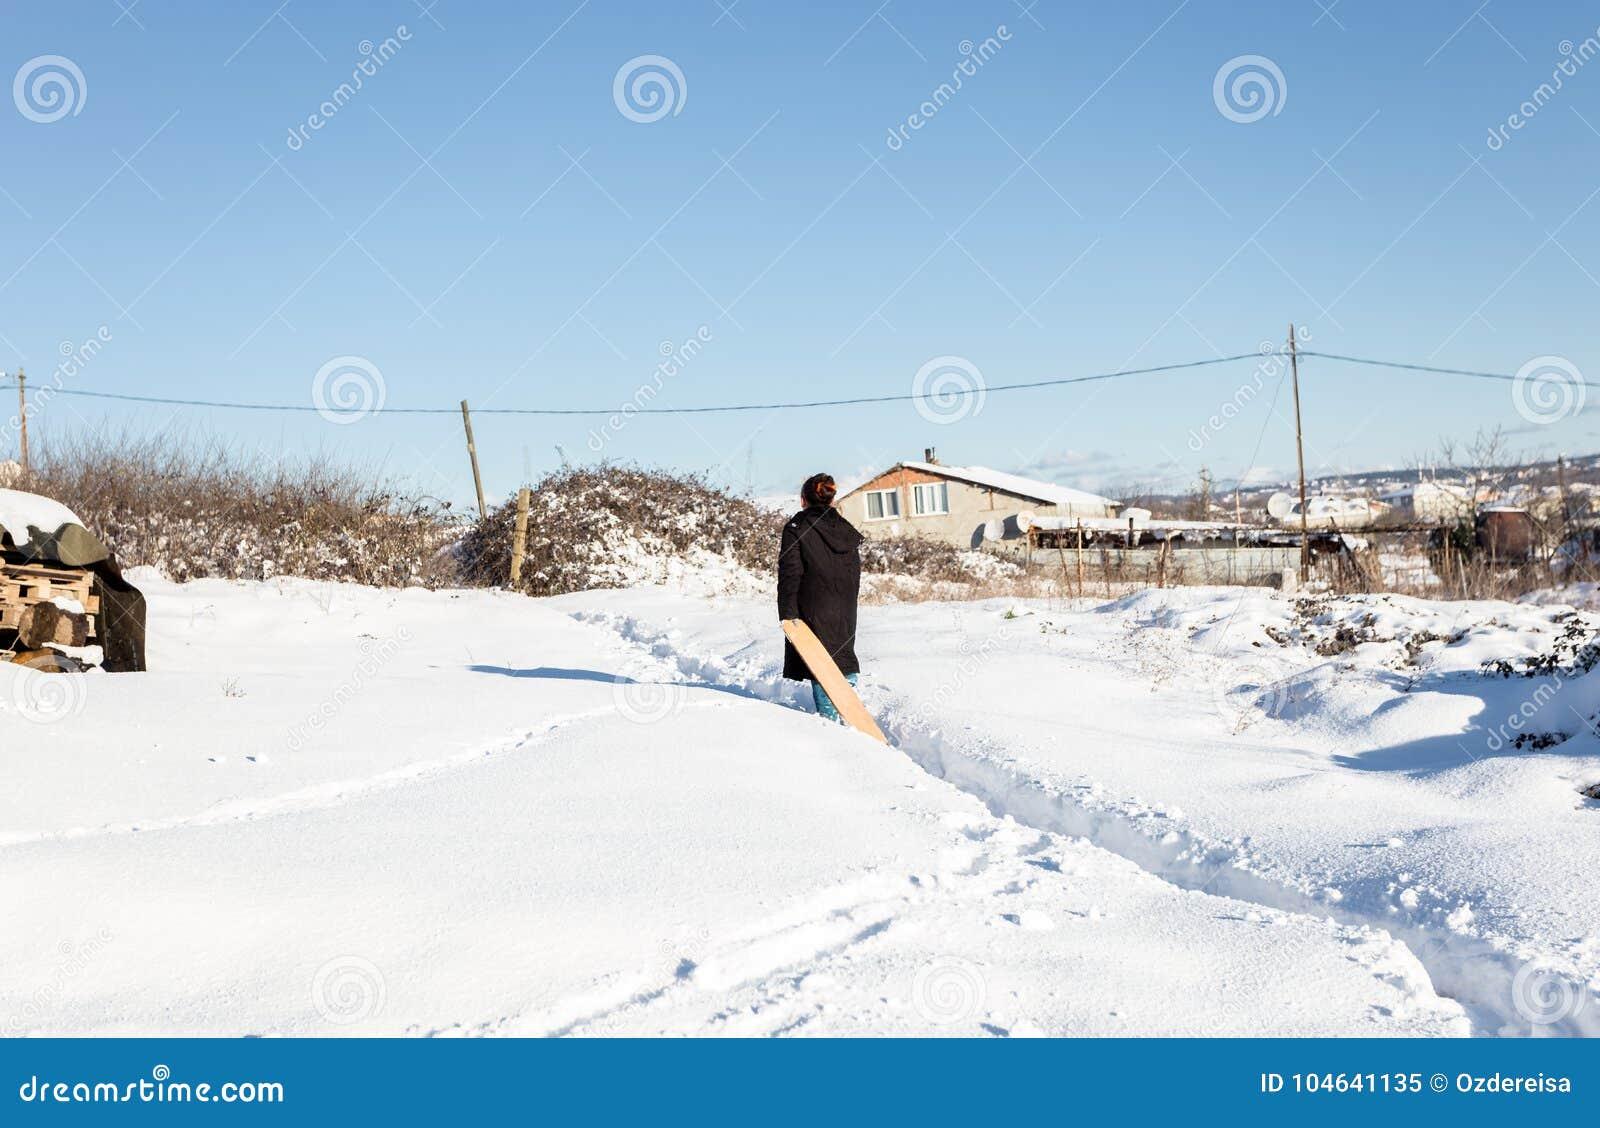 Download De Kinderen Hebben Pret Op Sneeuw In De Winter Redactionele Afbeelding - Afbeelding bestaande uit sneeuw, speels: 104641135